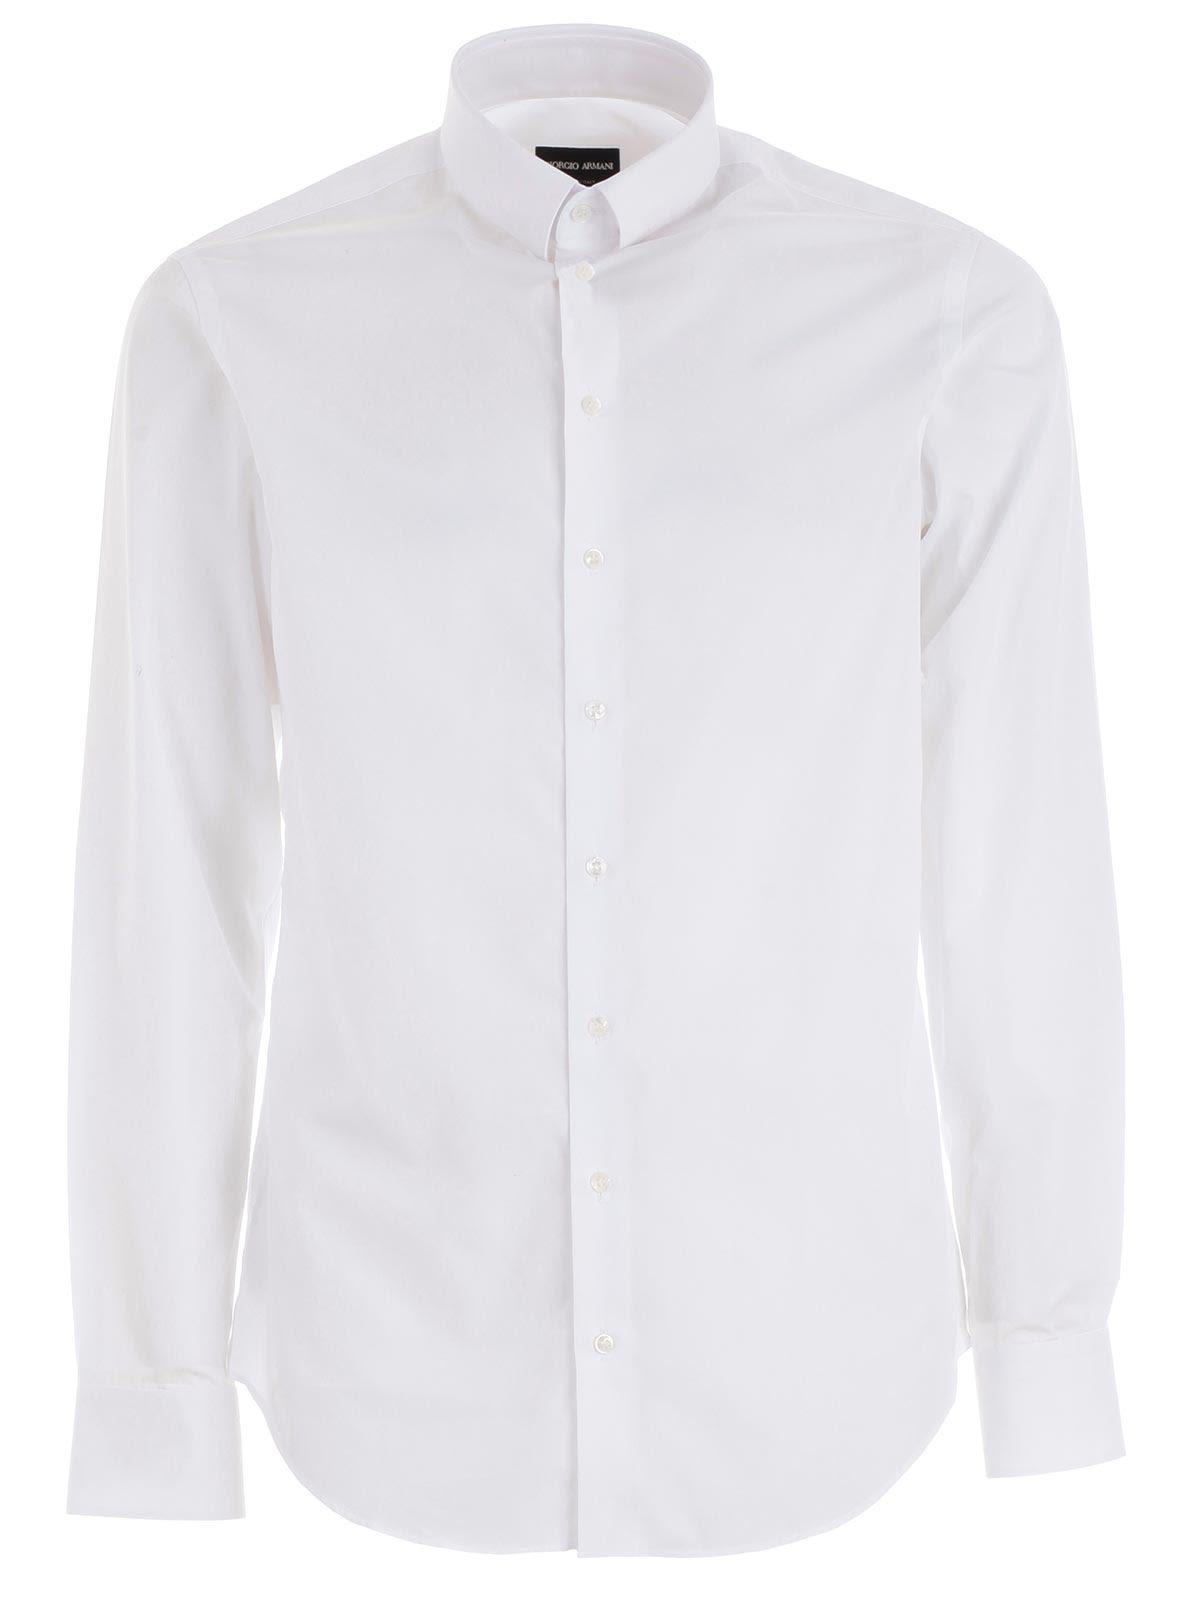 36ca6182b16 Giorgio Armani Giorgio Armani Classic Shirt - Basic - 10824996